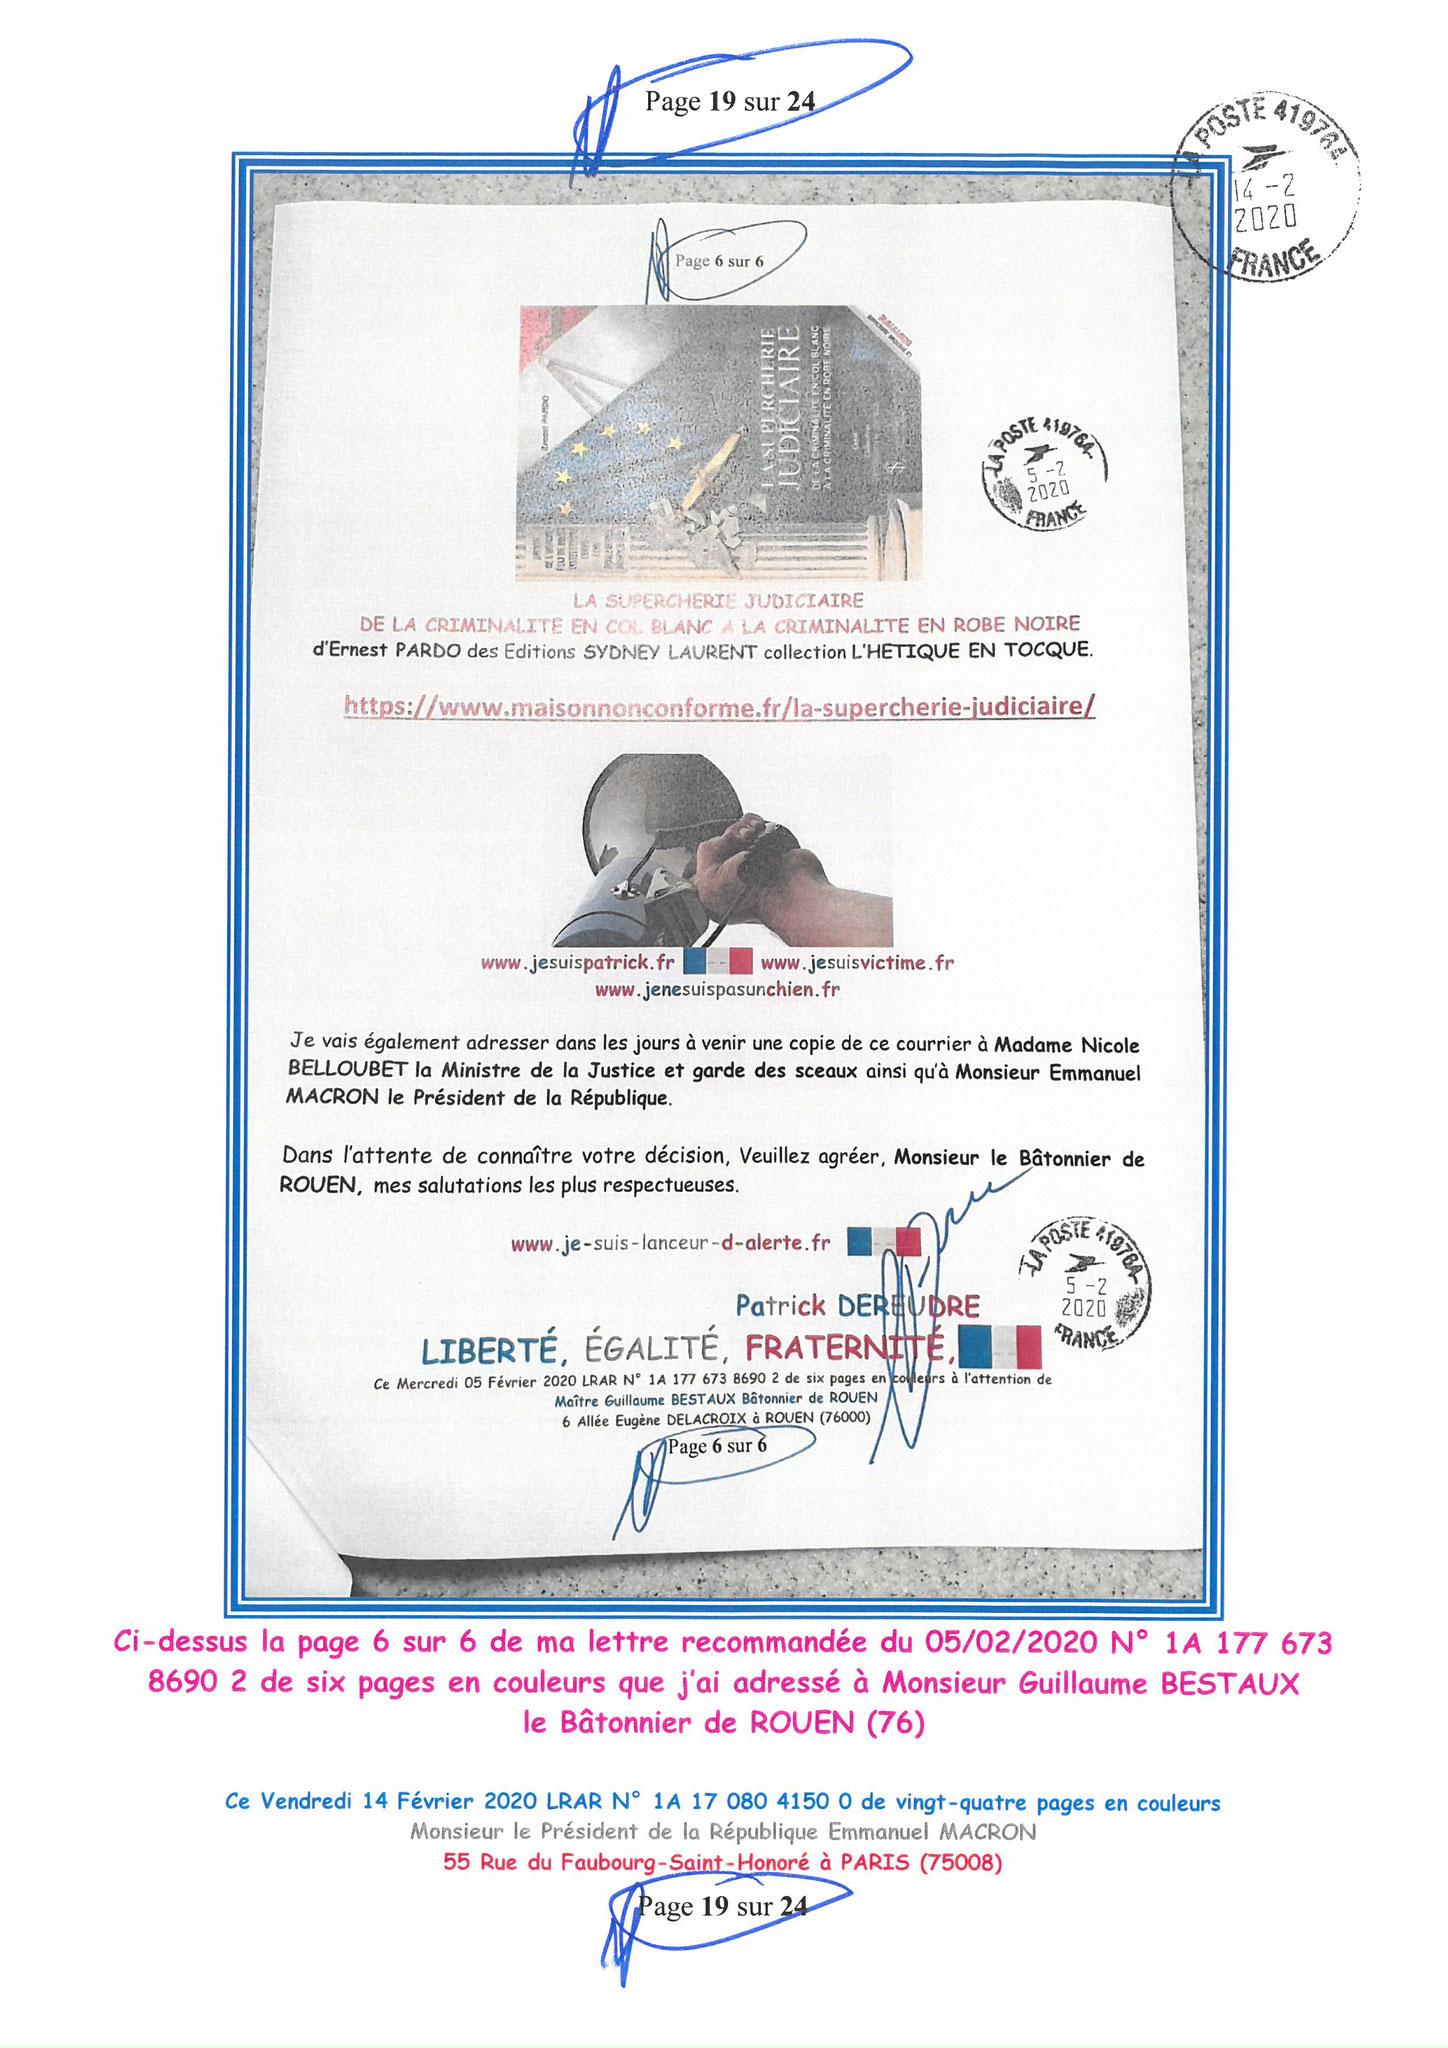 Ma lettre recommandée du 14 Février 2020 N° 1A 178 082 4150 0  page 19 sur 24 en couleur que j'ai adressé à Monsieur Emmanuel MACRON le Président de la République www.jesuispatrick.fr www.jesuisvictime.fr www.alerte-rouge-france.fr